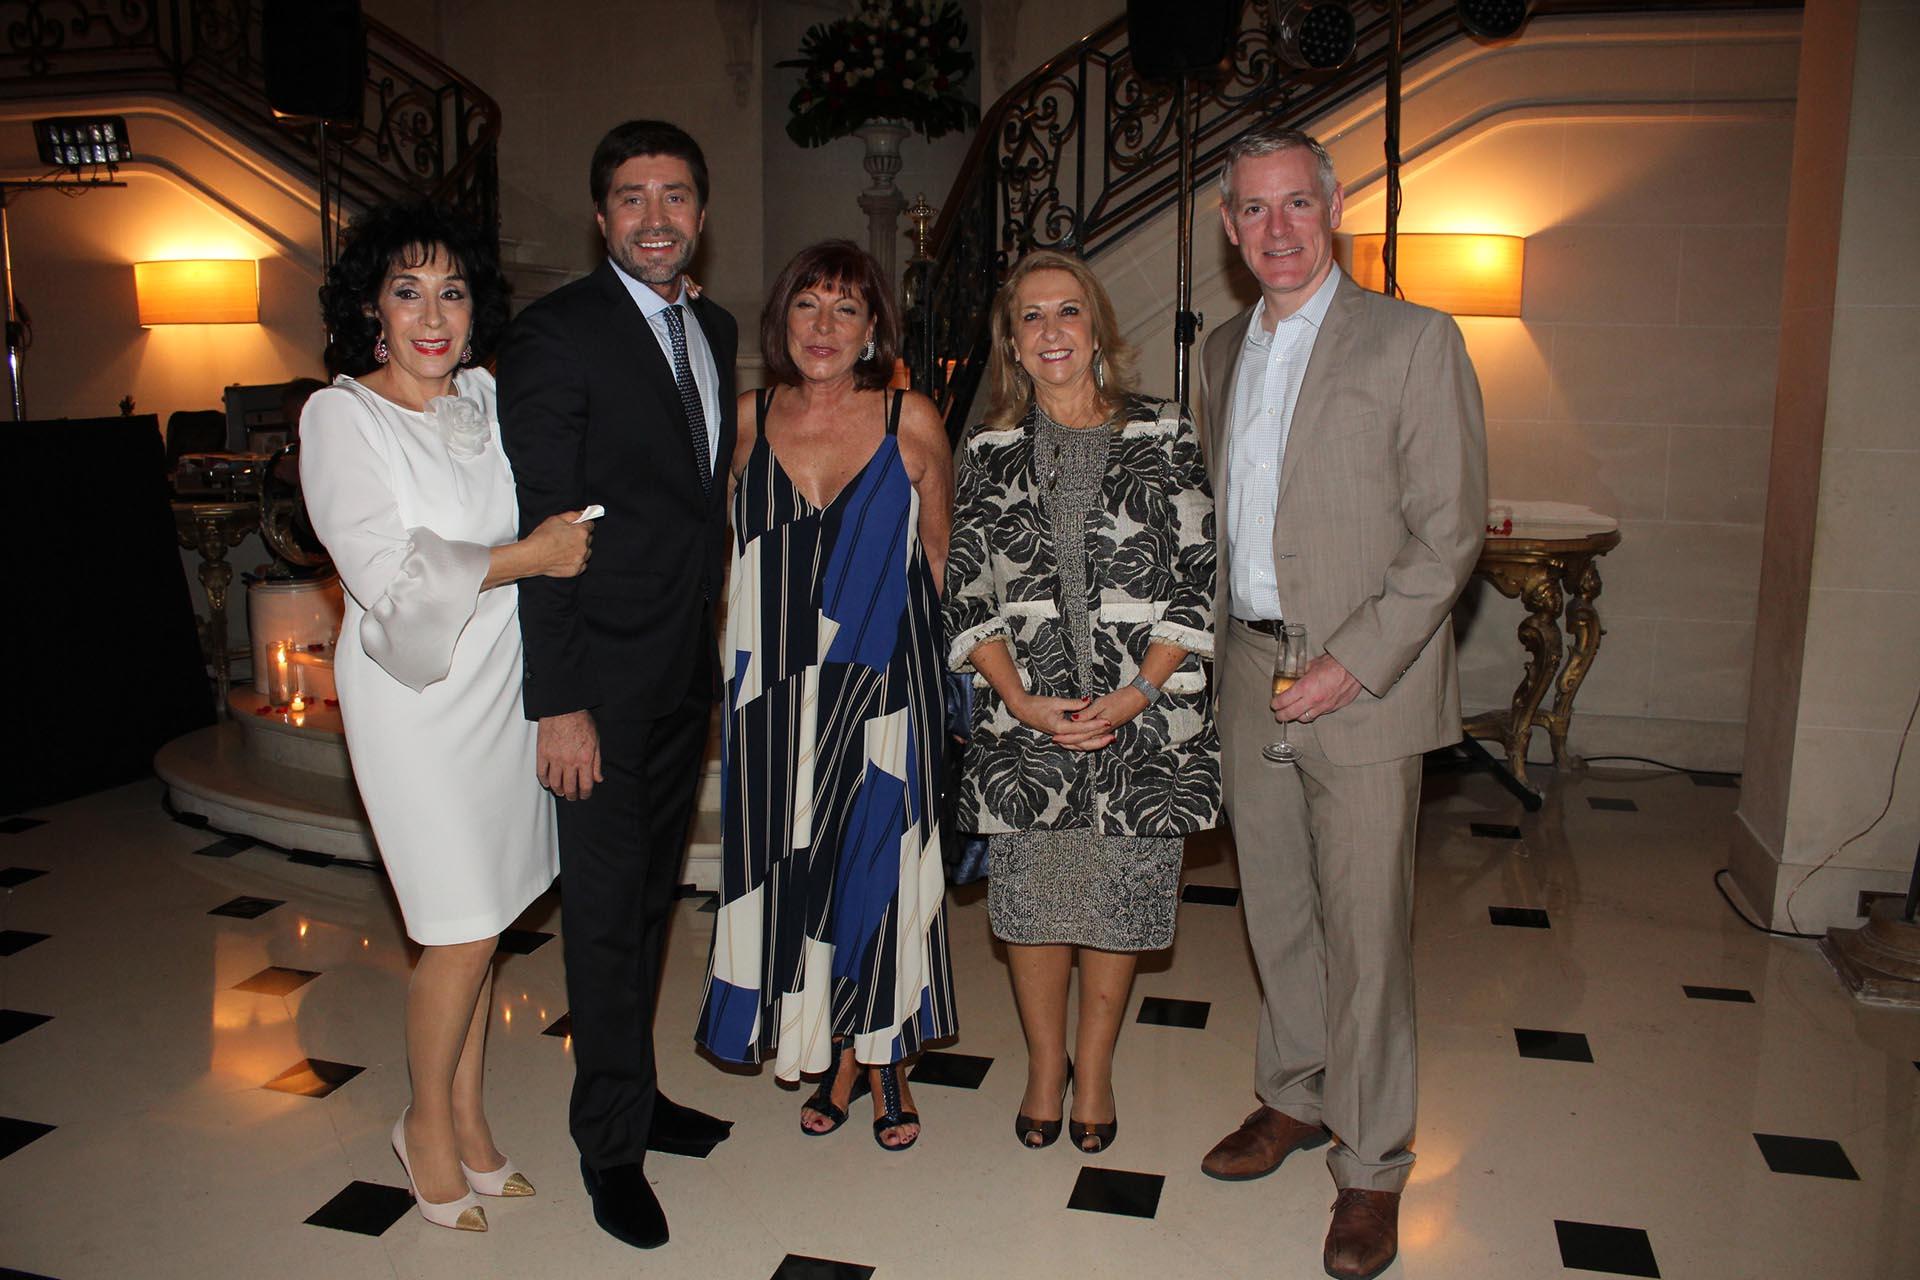 Graciela Pérez Lastra, Walter Ramírez Moyano, la directora del Banco Nación, Ercilia Nofal; la diputada Susana Balbo y el cónsulgeneral de los Estados Unidos en la Argentina, Brendan O'Brien